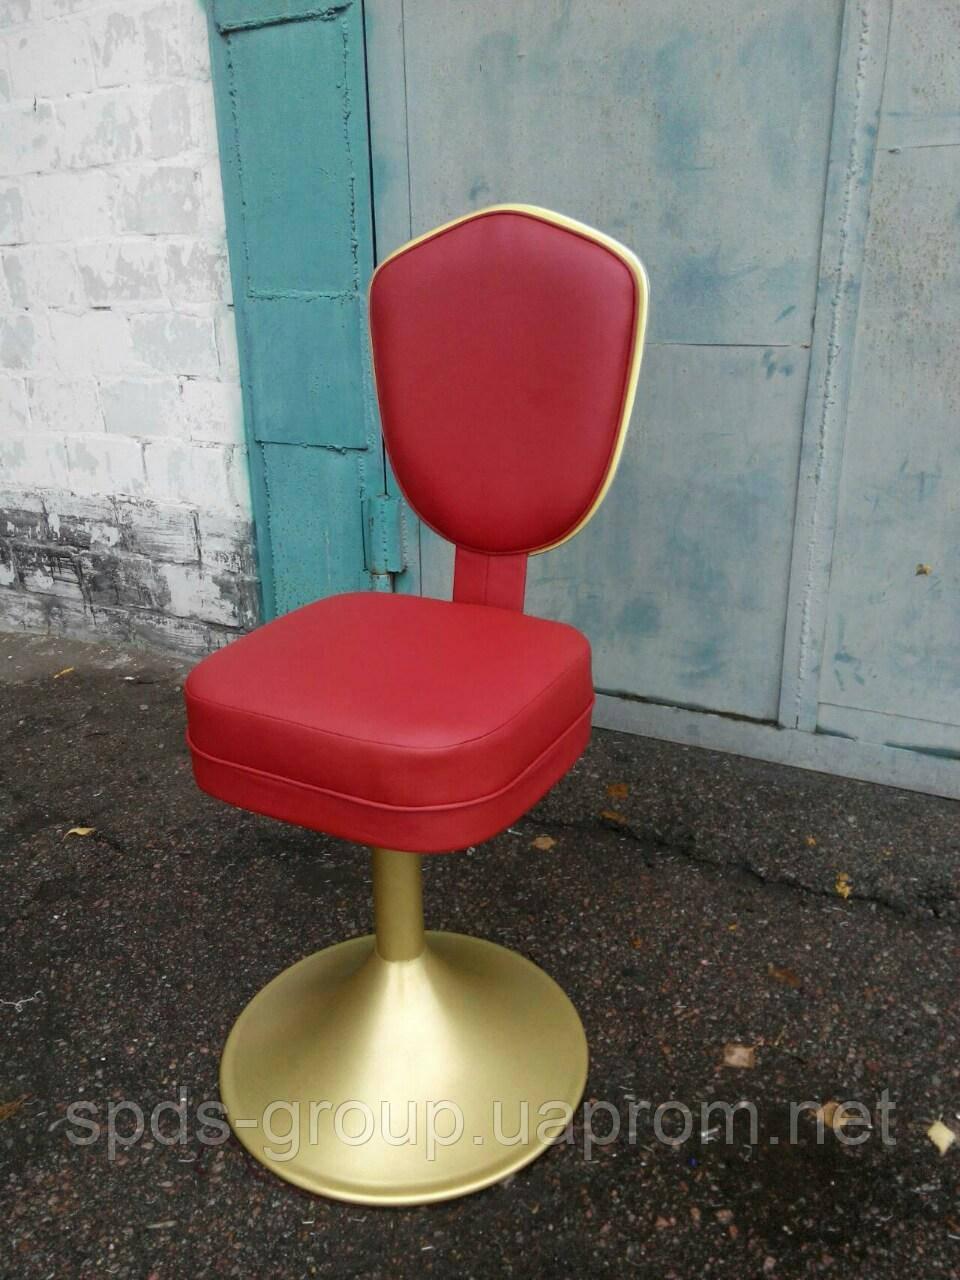 """Слентоп под автомат """"Кристал"""" - SPDS GROUP - производство стульев для игрового бизнеса в Белой Церкви"""